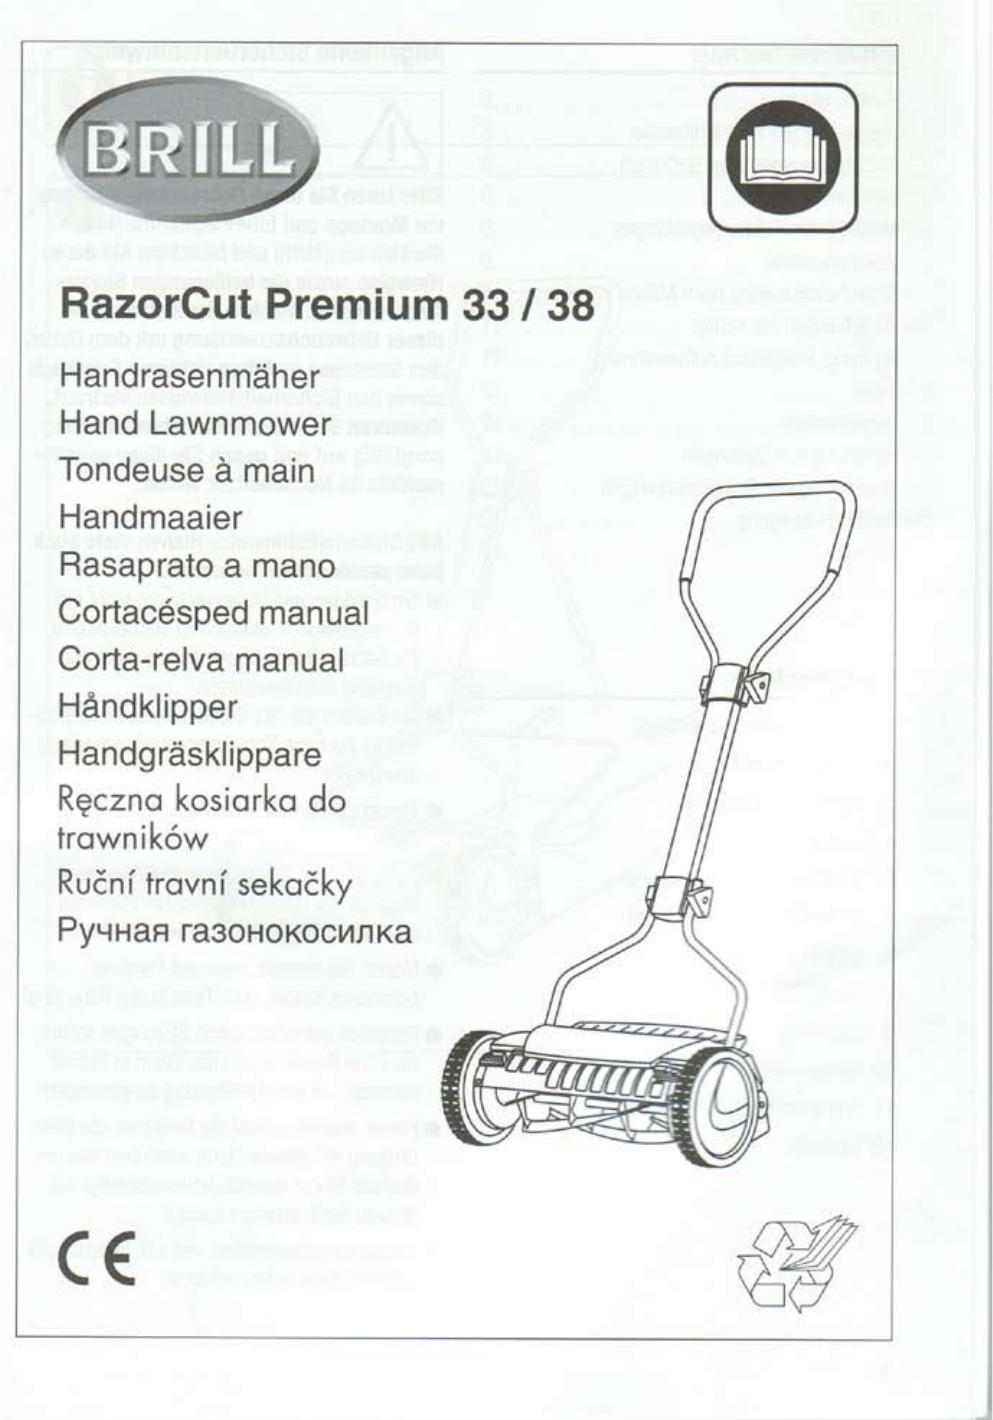 Brill Rasenmäher Bedienungsanleitung : bedienungsanleitung brill razorcut 38 seite 1 von 11 ~ Watch28wear.com Haus und Dekorationen